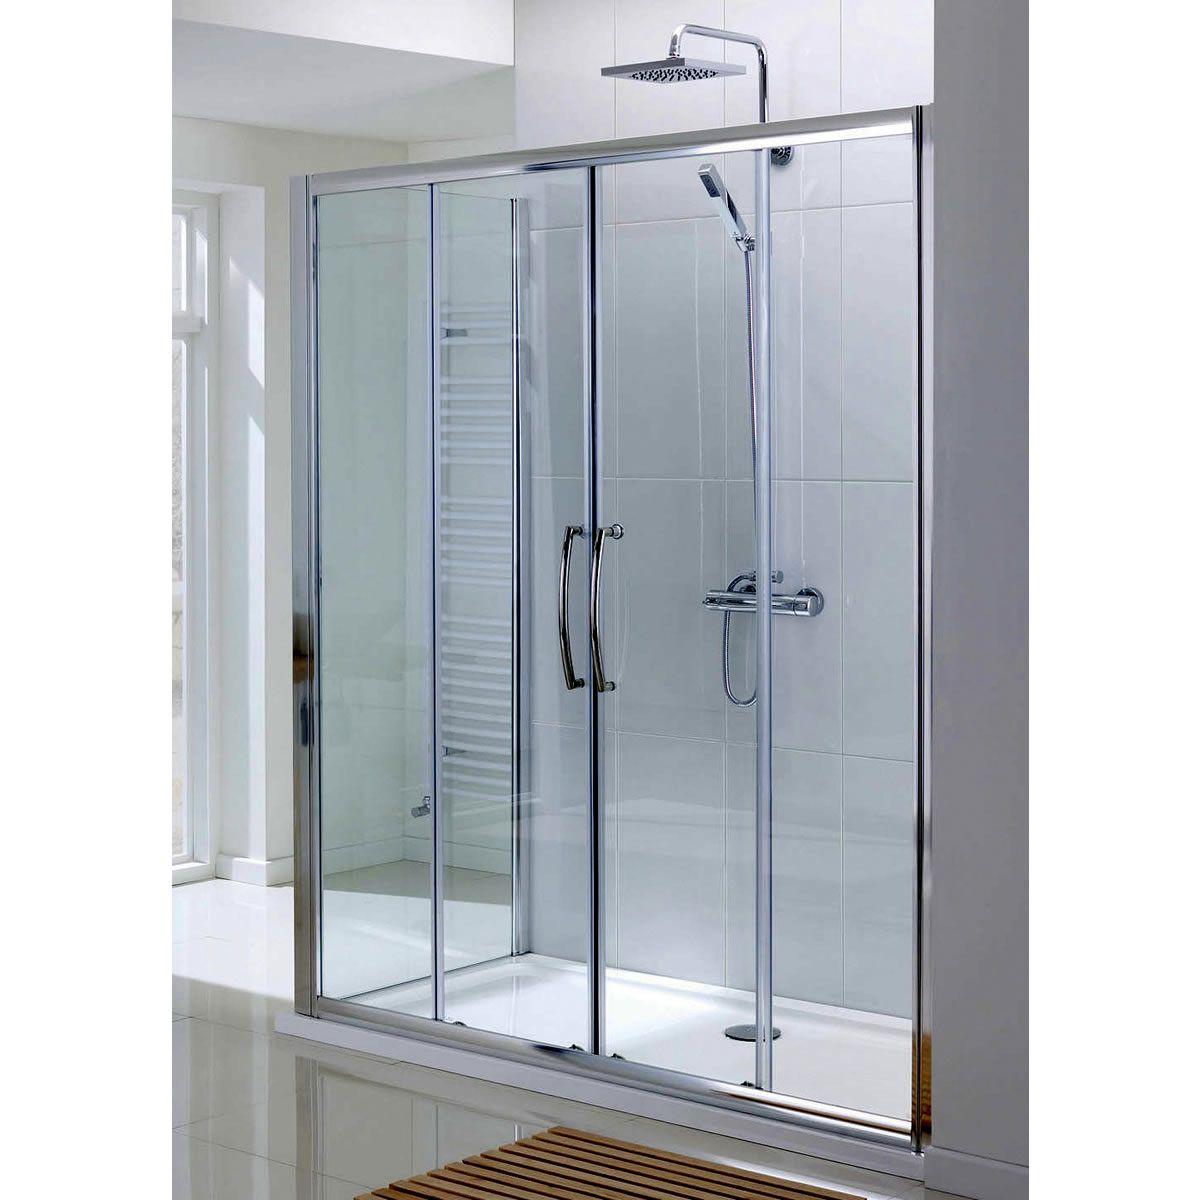 Lakes classic semi frameless double sliding shower door for 1200 shower door